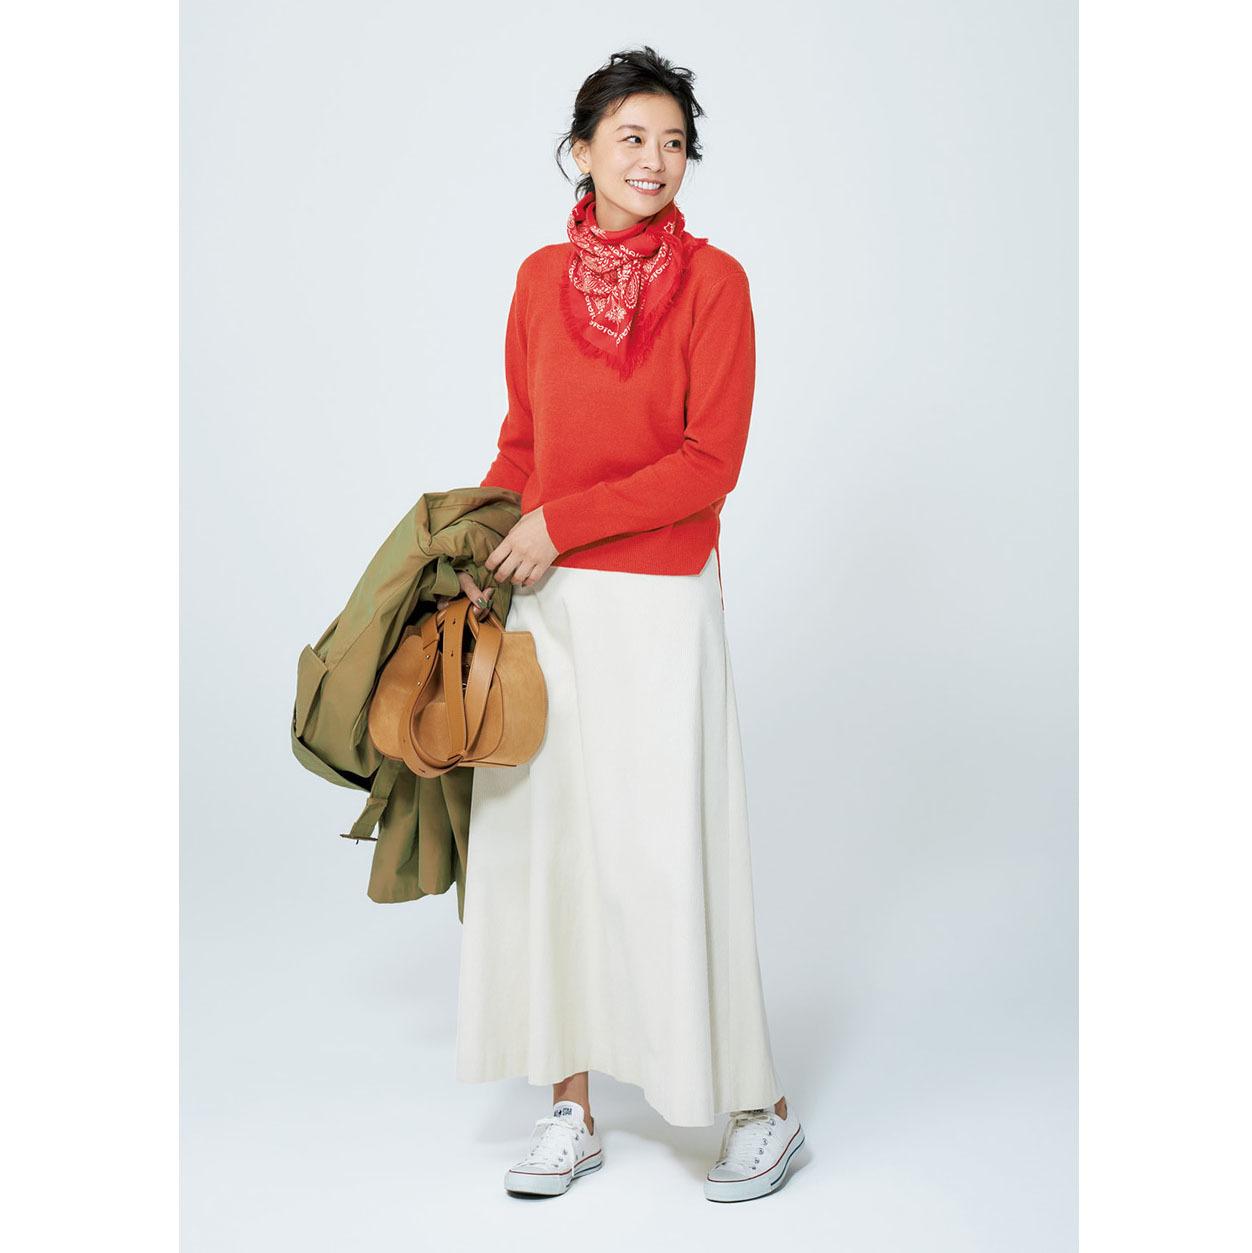 白コンバースのローカットスニーカー×オレンジニット&白スカートのファッションコーデ